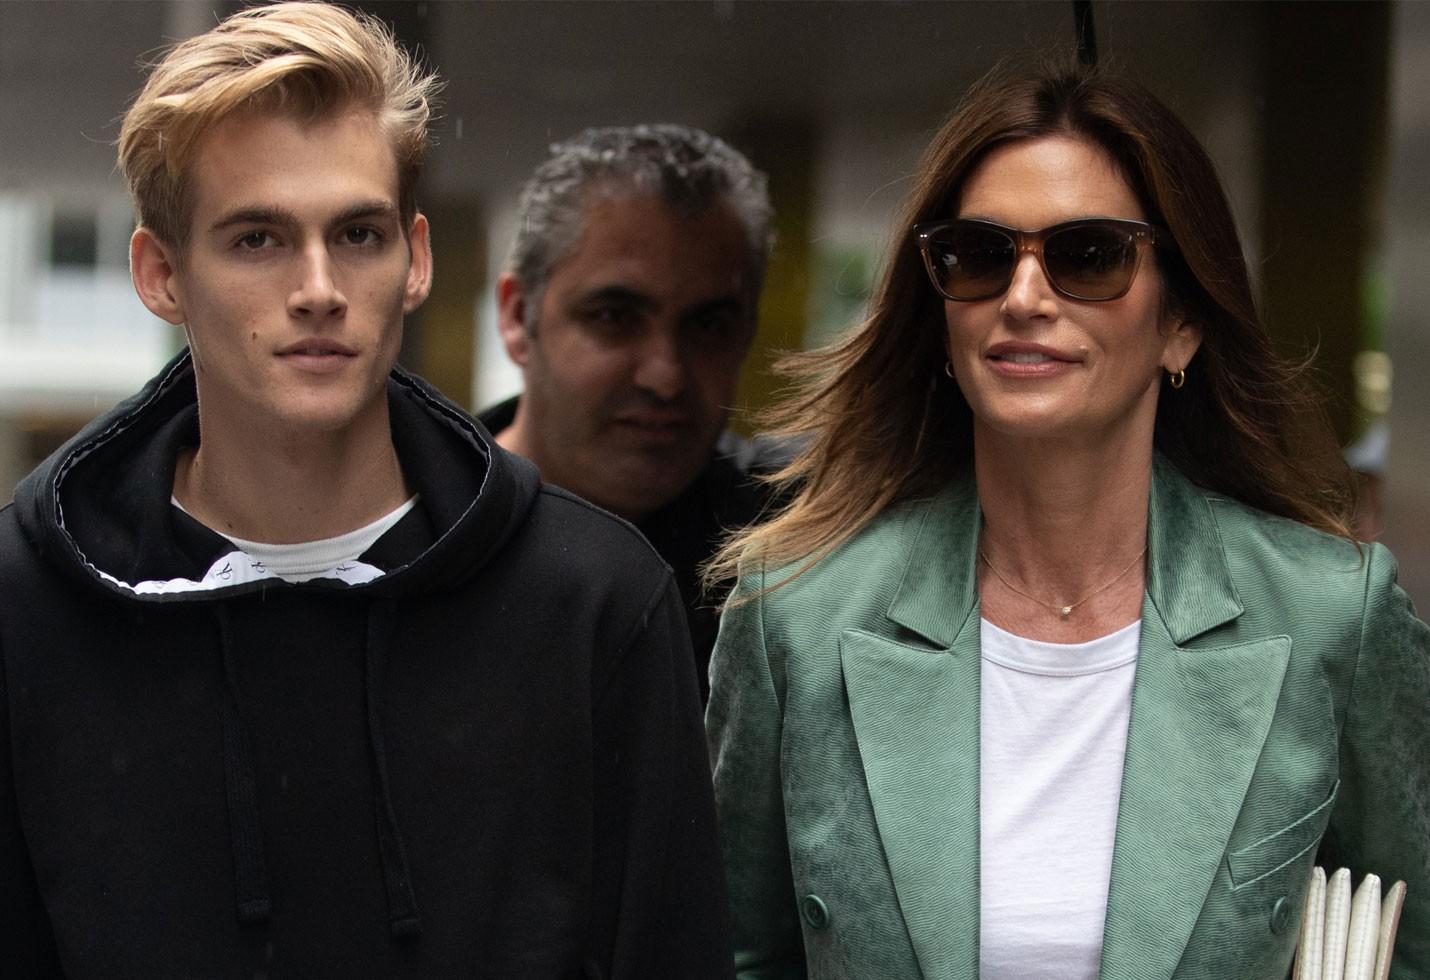 Dàn quý tử nổi tiếng nhà sao Hollywood: Cậu cả Beckham bị dàn trai đẹp cực phẩm đè bẹp, con nhà Will Smith gây choáng - Ảnh 15.